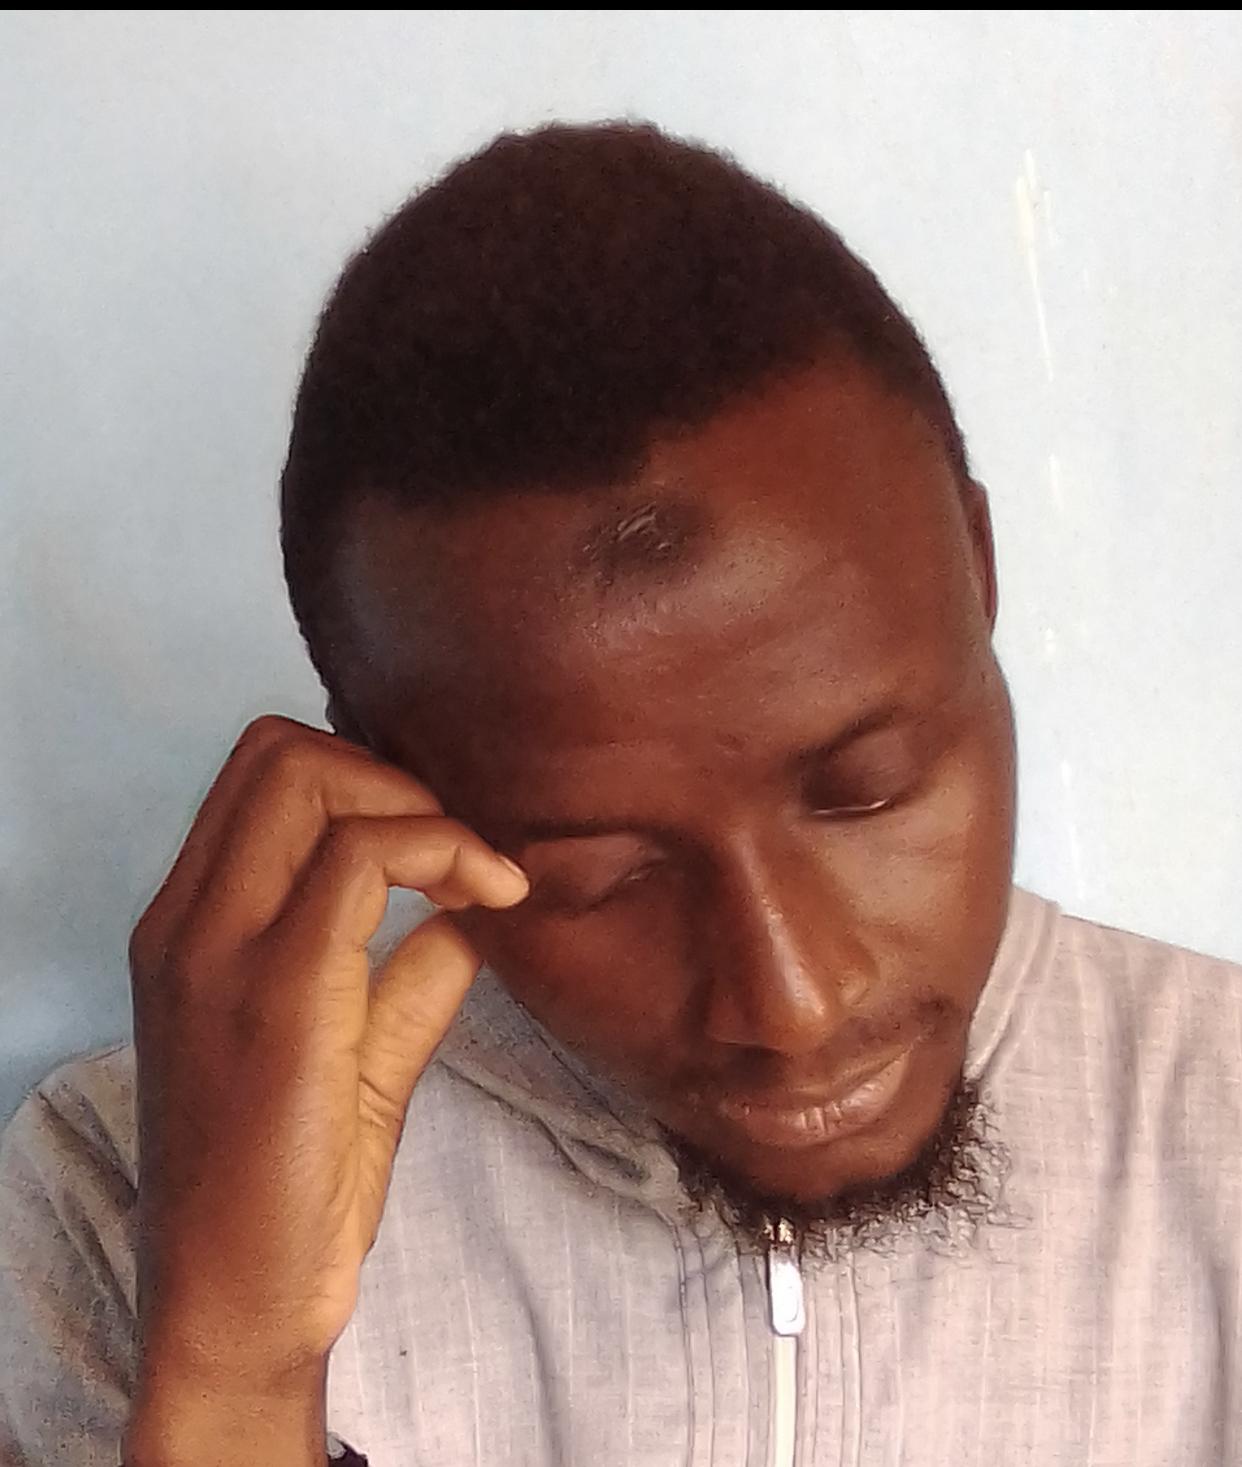 Le témoignage glaçant de Mansané Sagna jakartaman,  victime du braquage de Saré Téning sur la RN6.